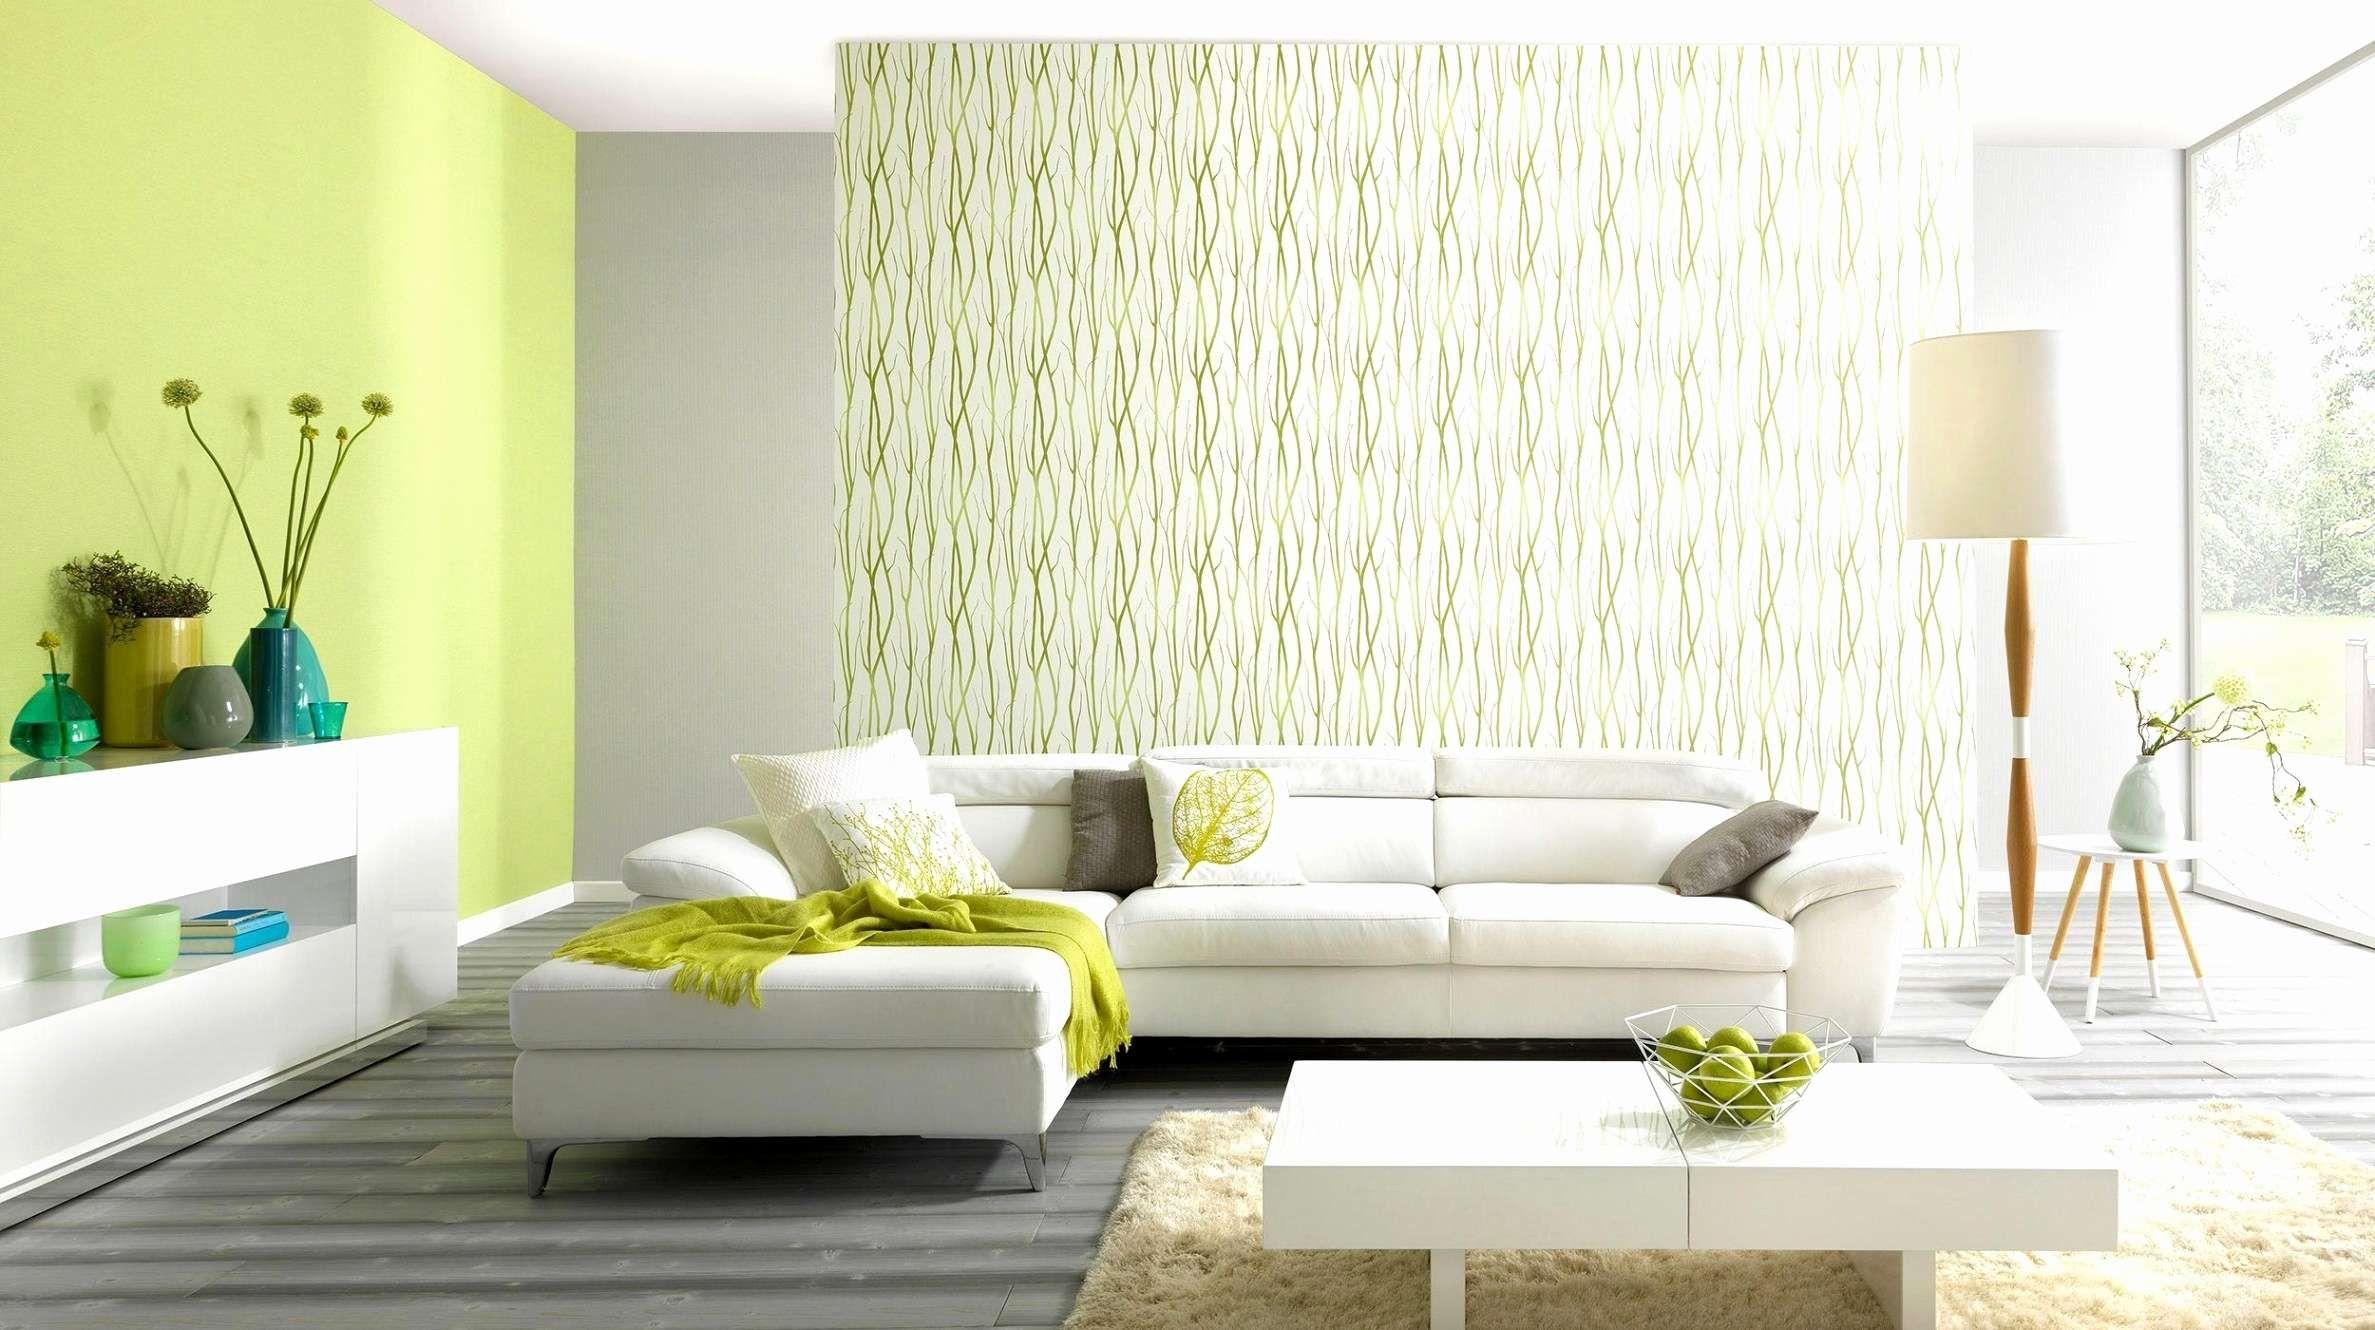 Nett Tapete Schlafzimmer Edel  Wallpaper bedroom, Home decor, Home